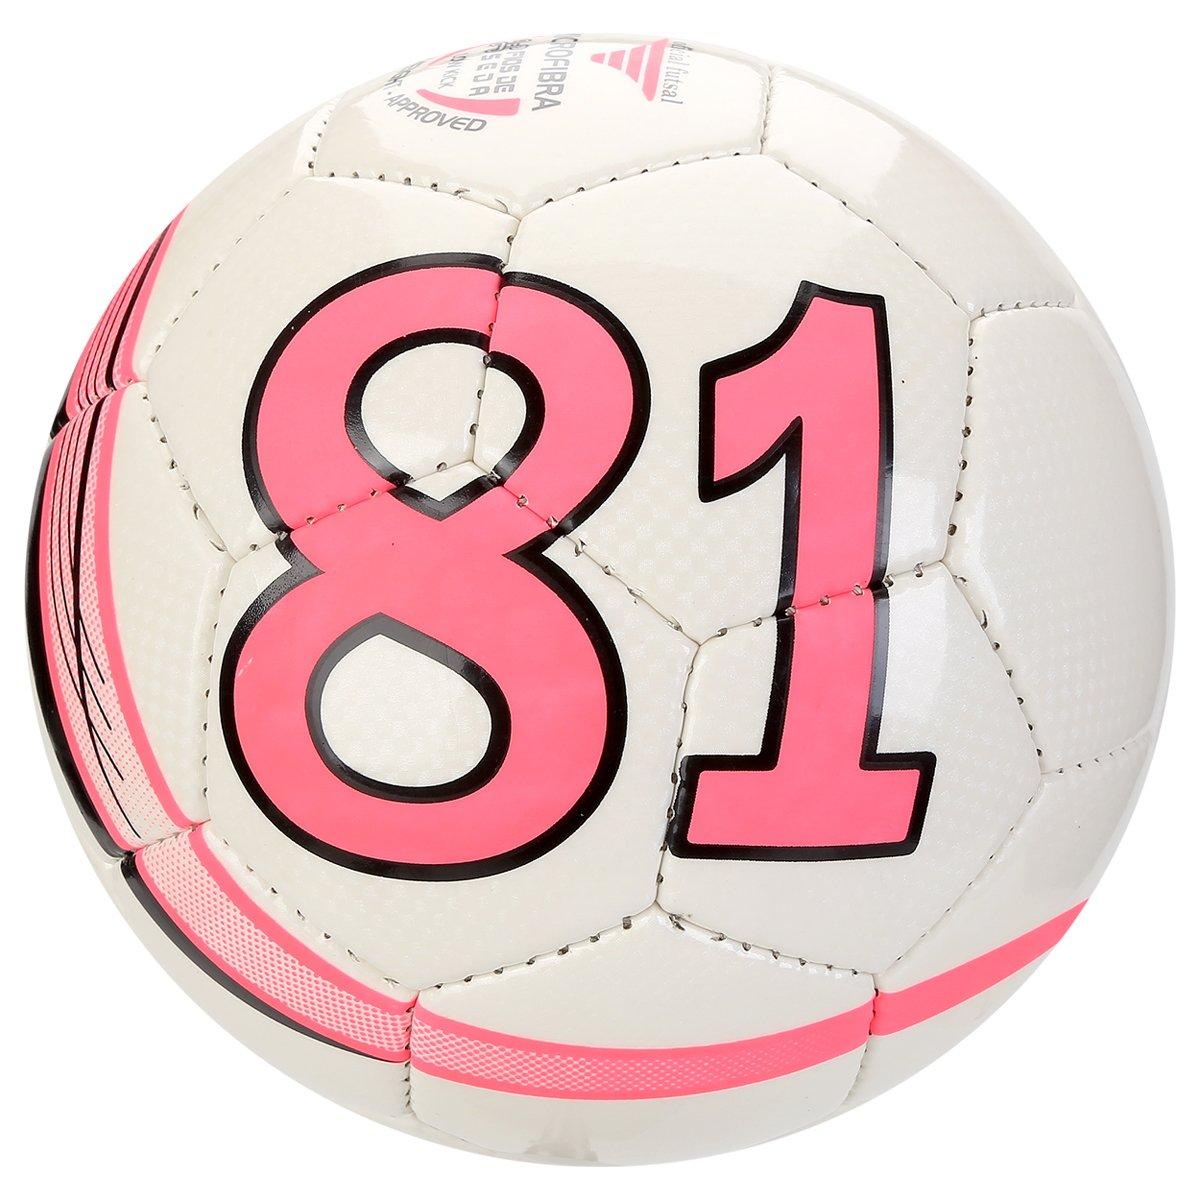 Bola Futebol Since 81 Celebration Colors Futsal - Compre Agora ... 31d5bd7ae4254